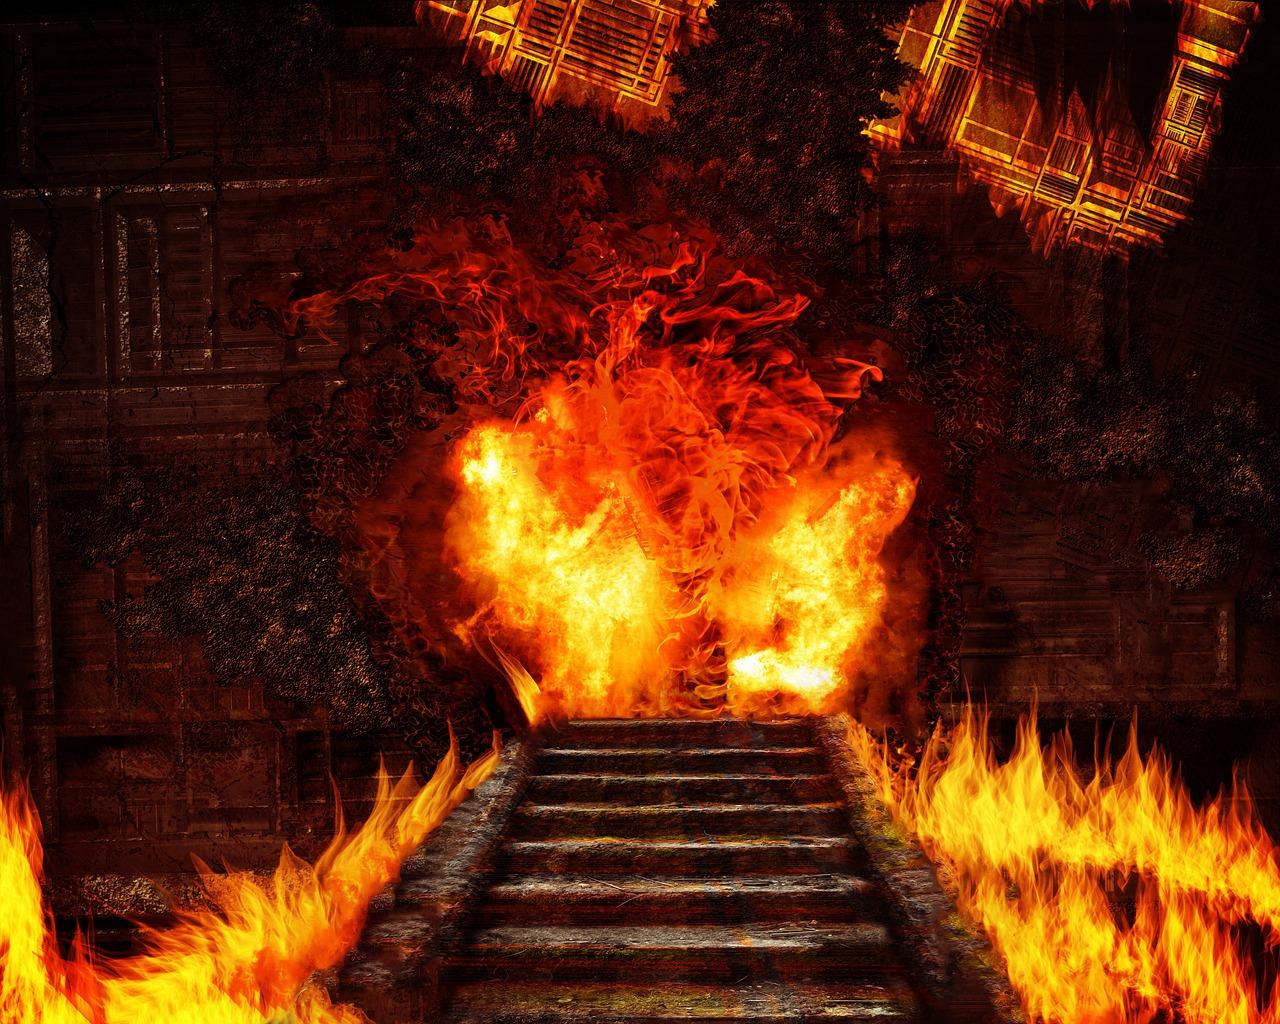 сообщества московская найти красивое фото ада оставьте